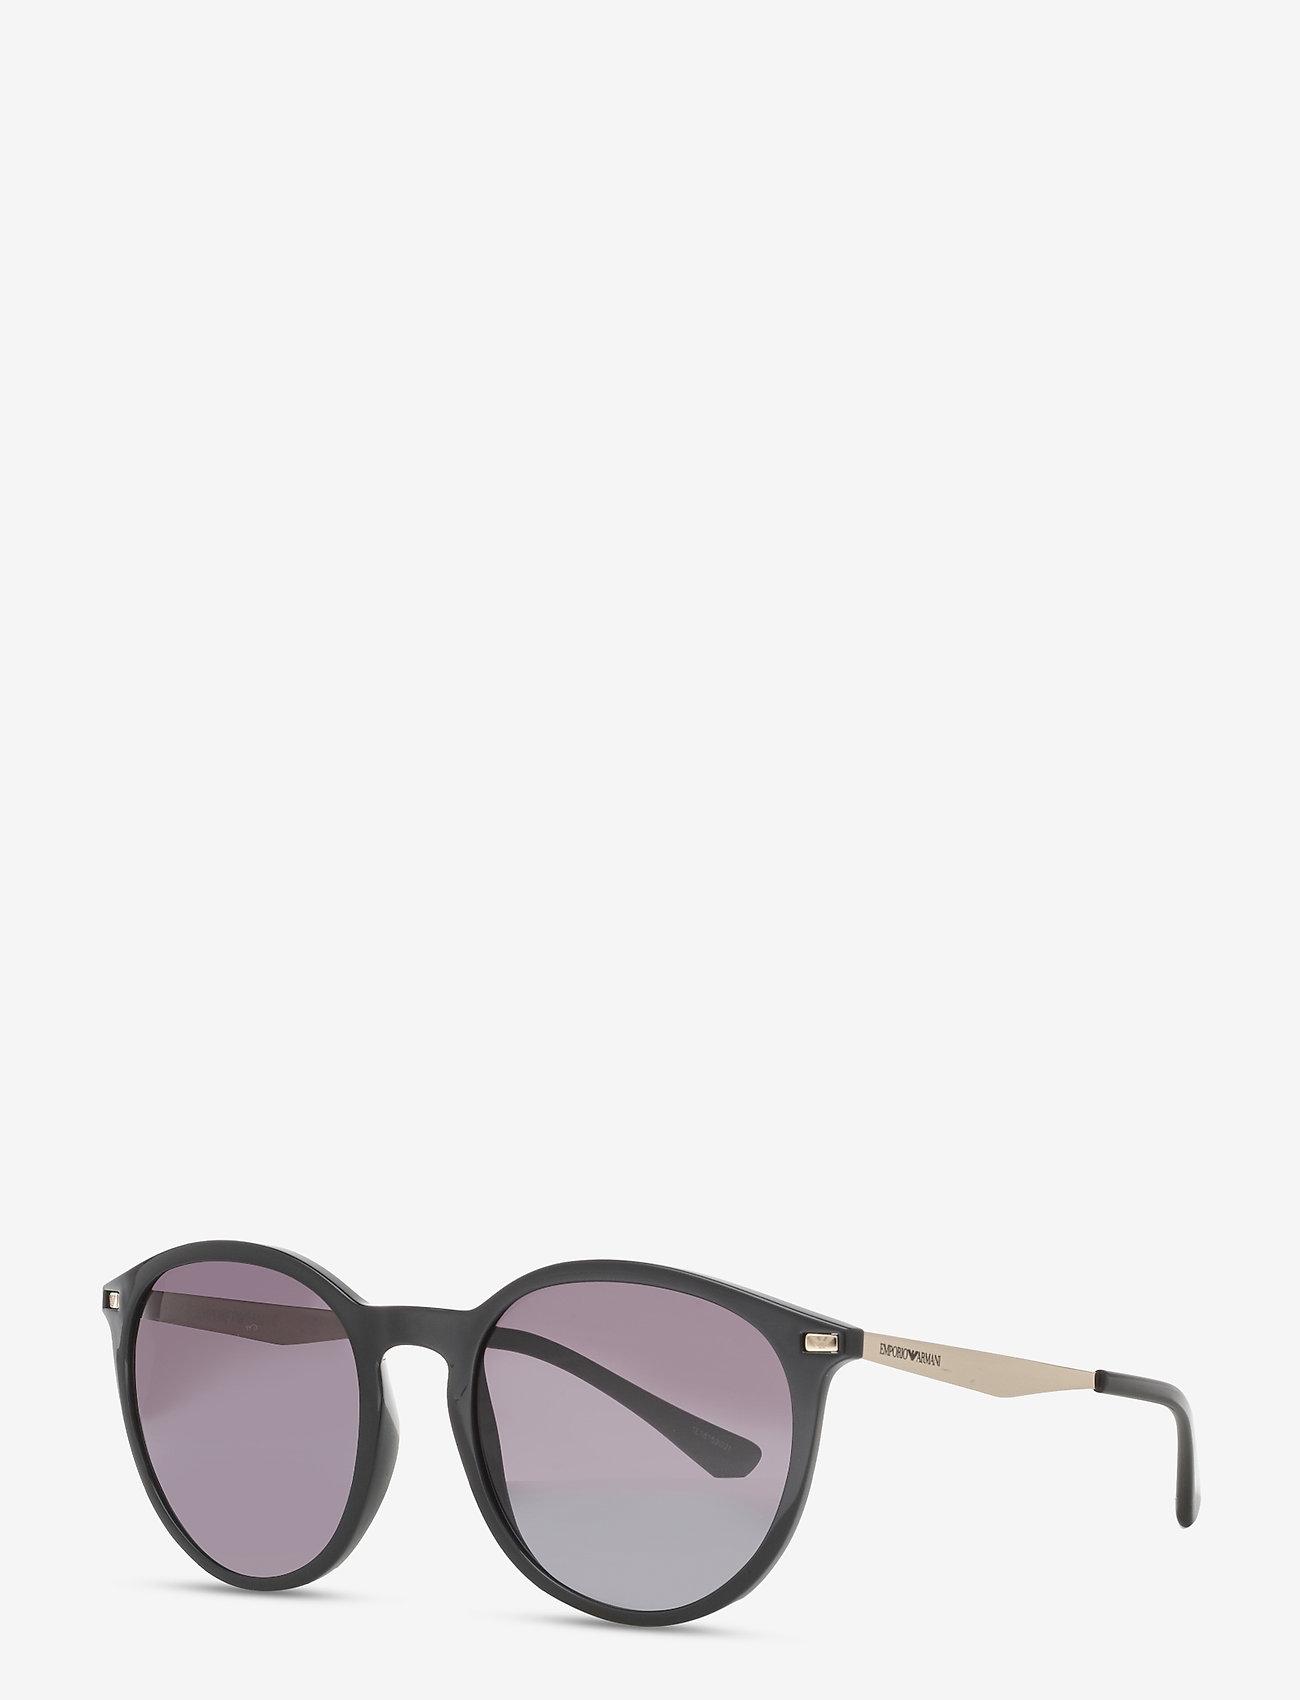 Emporio Armani Sunglasses - Sunglasses - rond model - gradient grey - 1